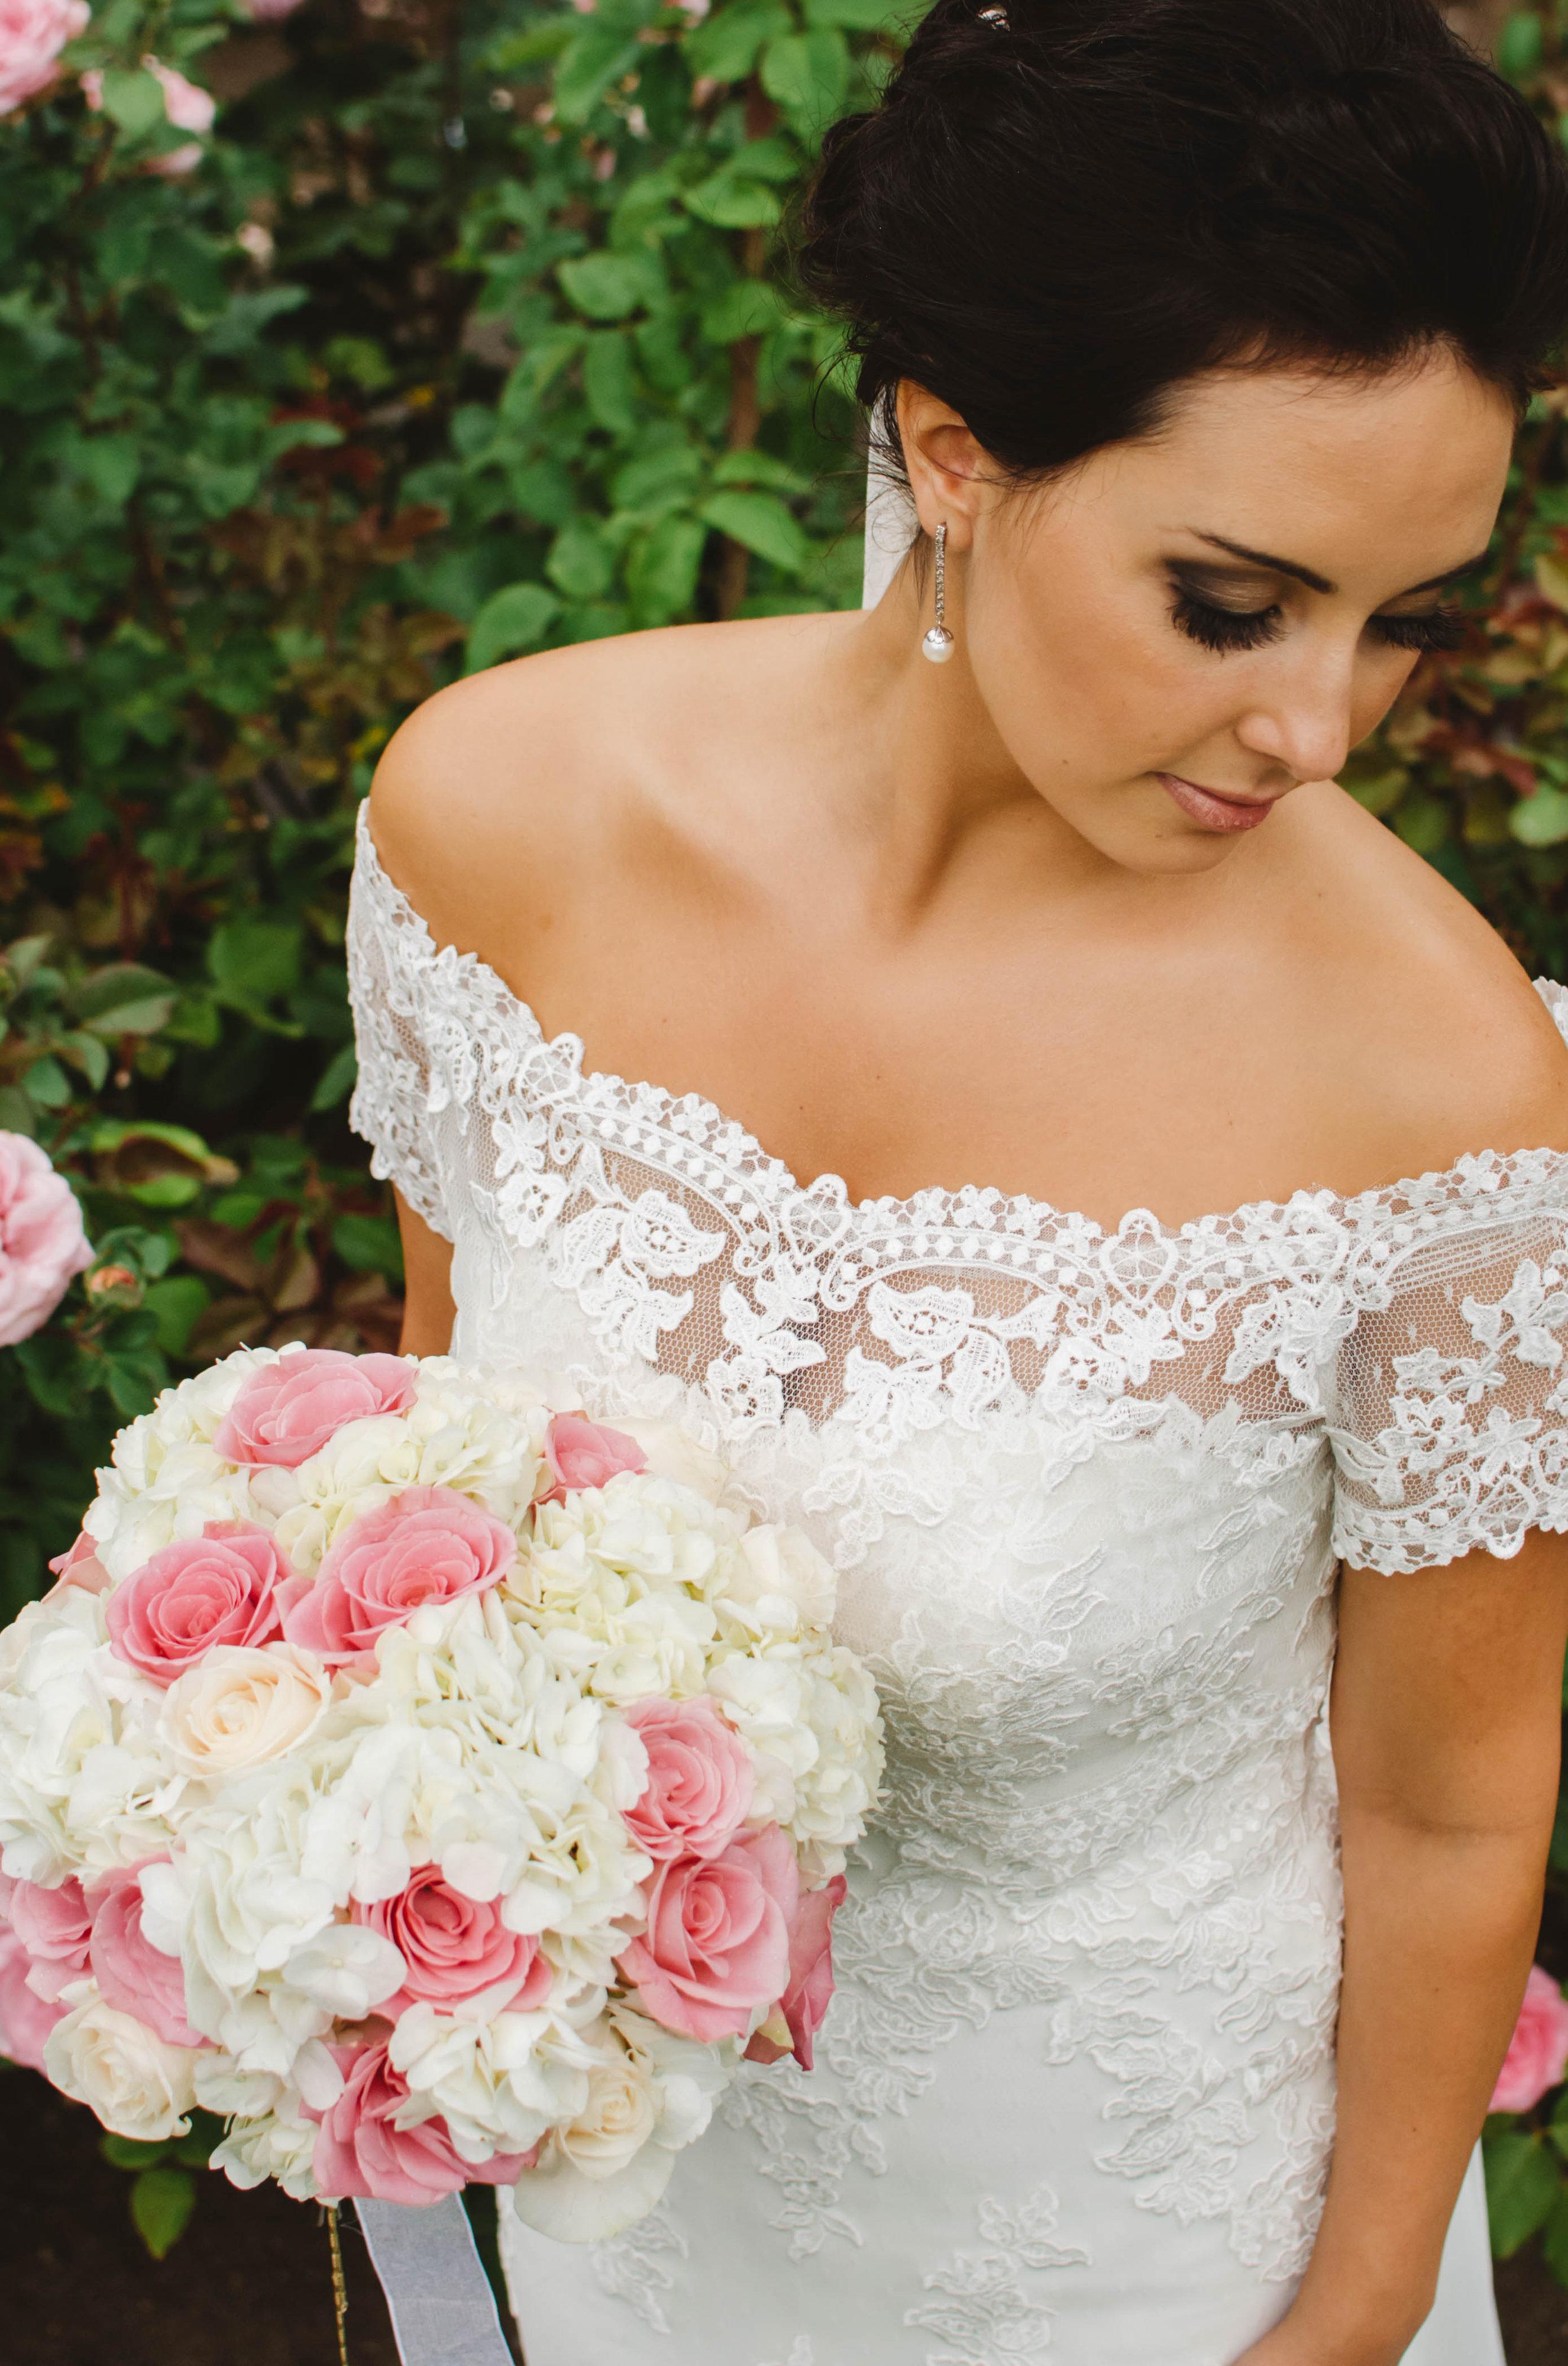 Bridal Lash Extensions Vancouver | Prép Beauty Parlour